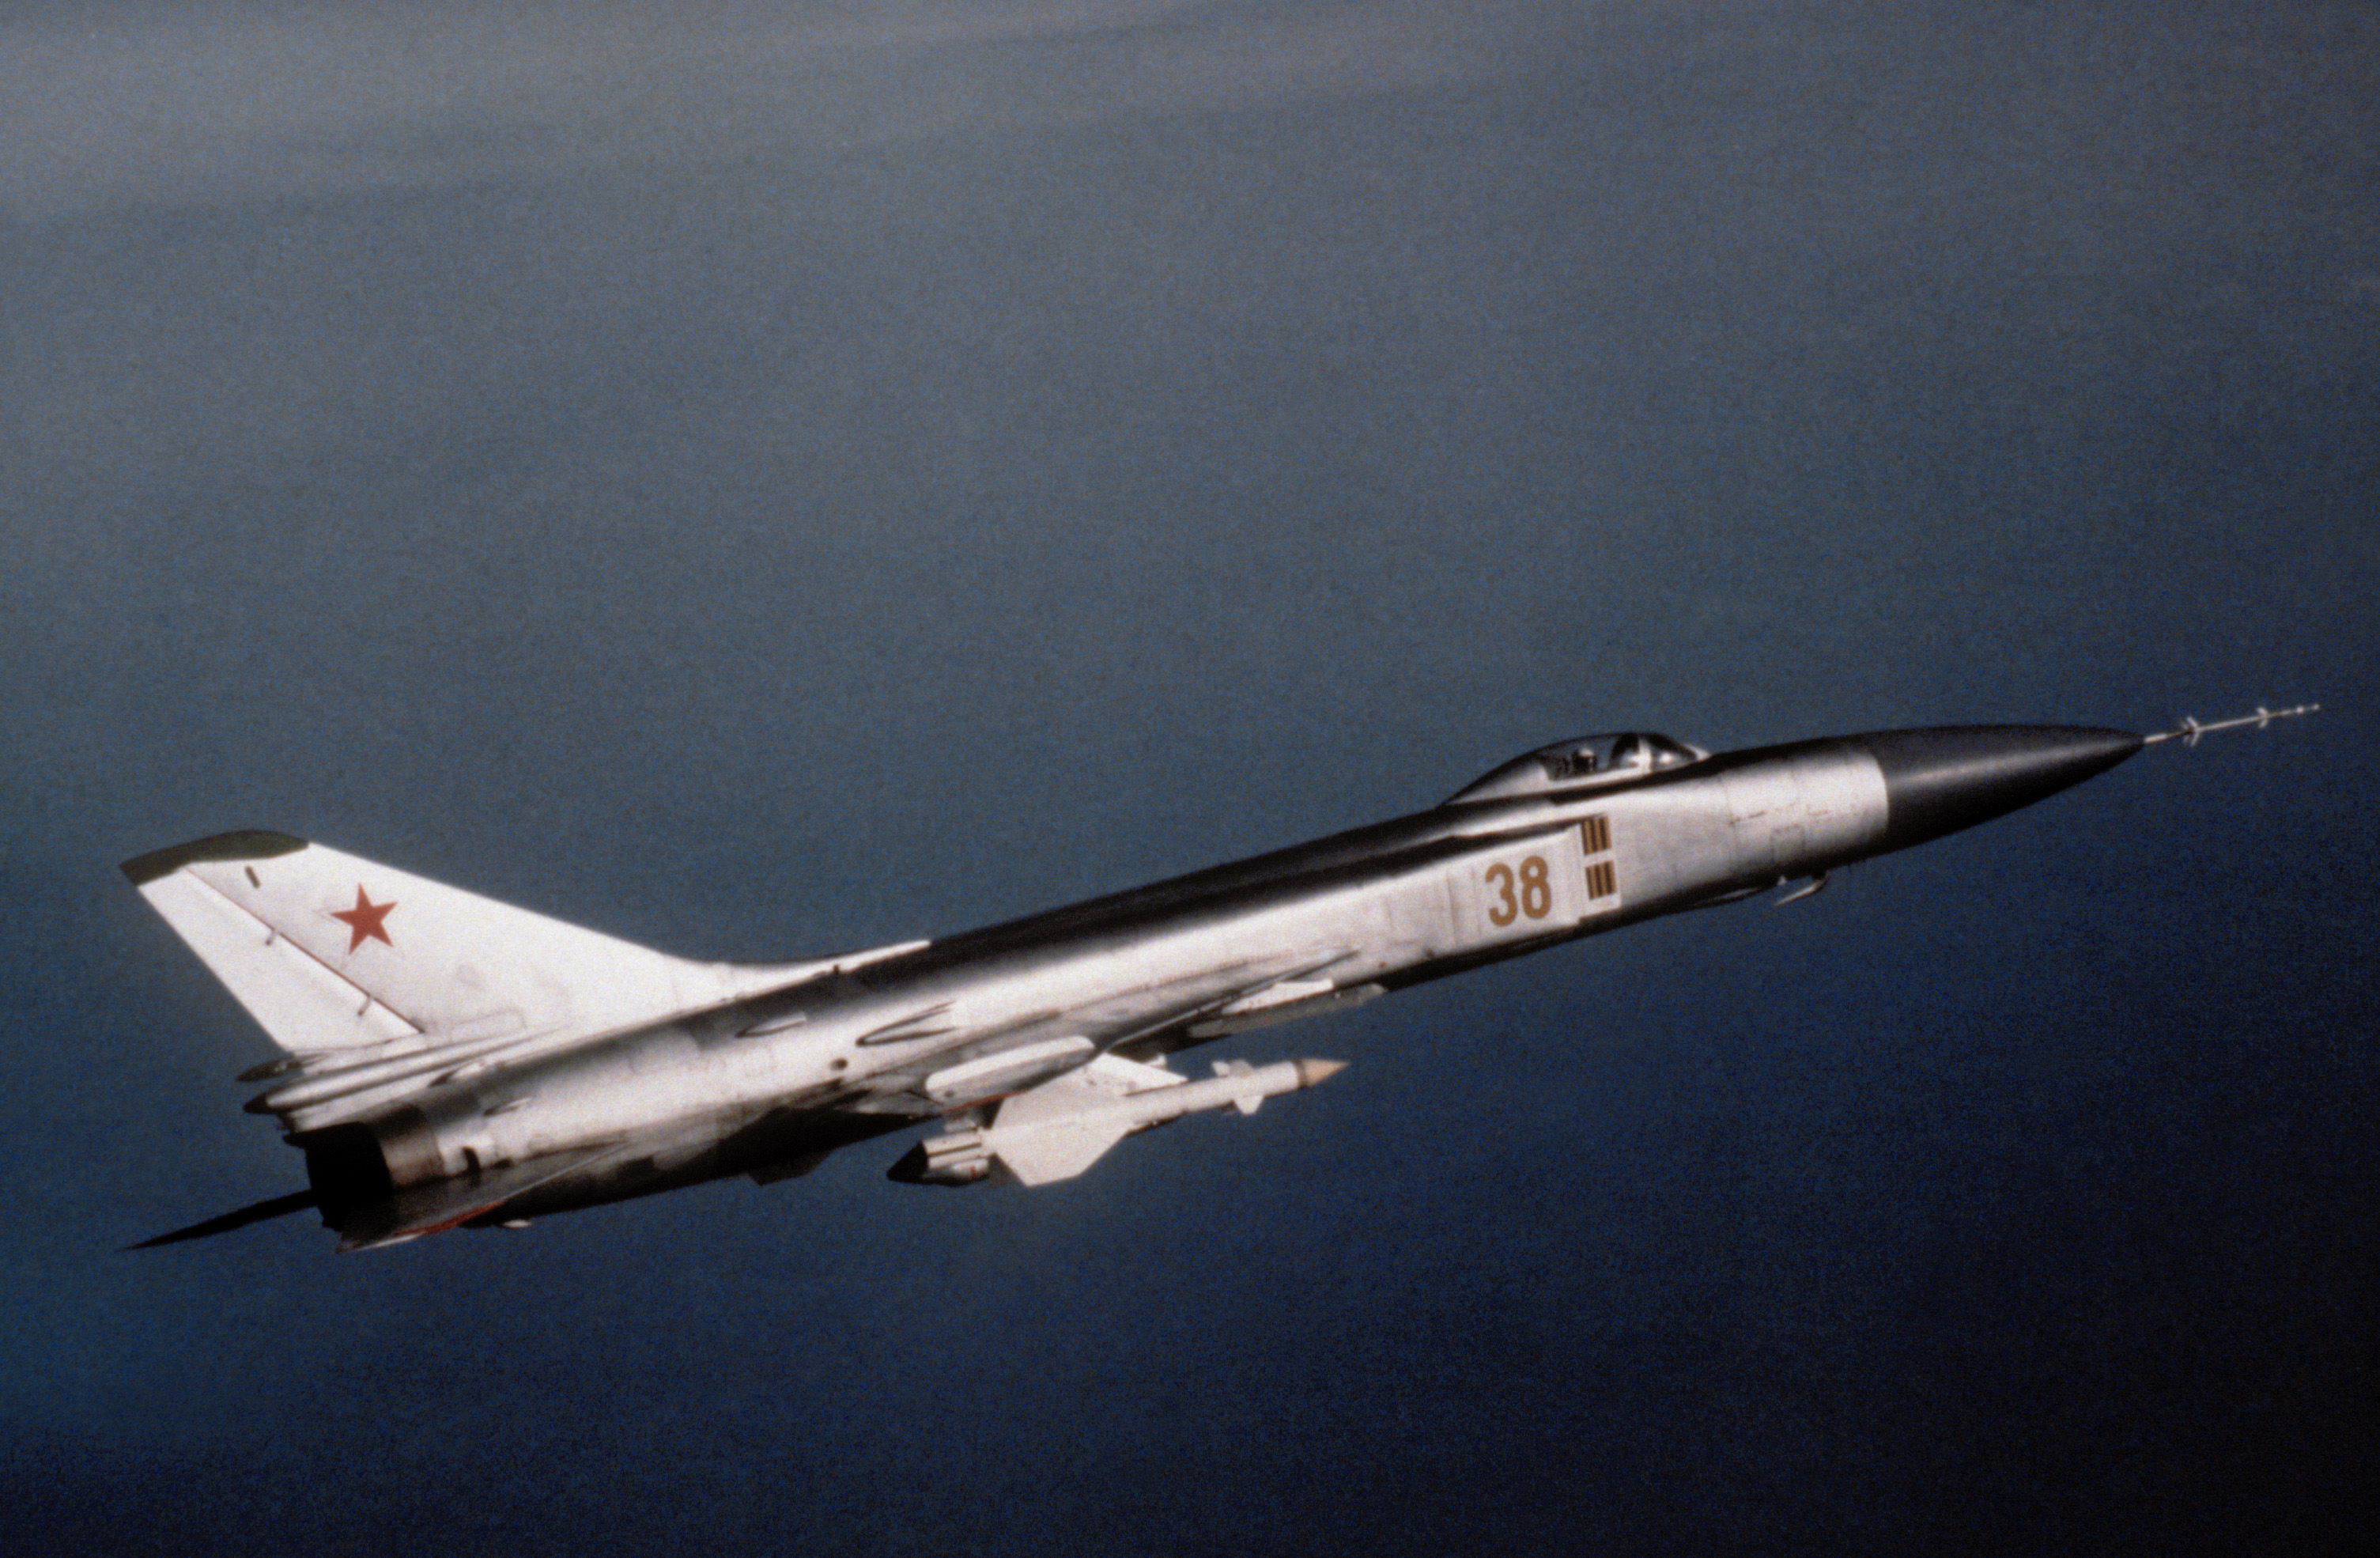 Depiction of Sukhoi Su-15